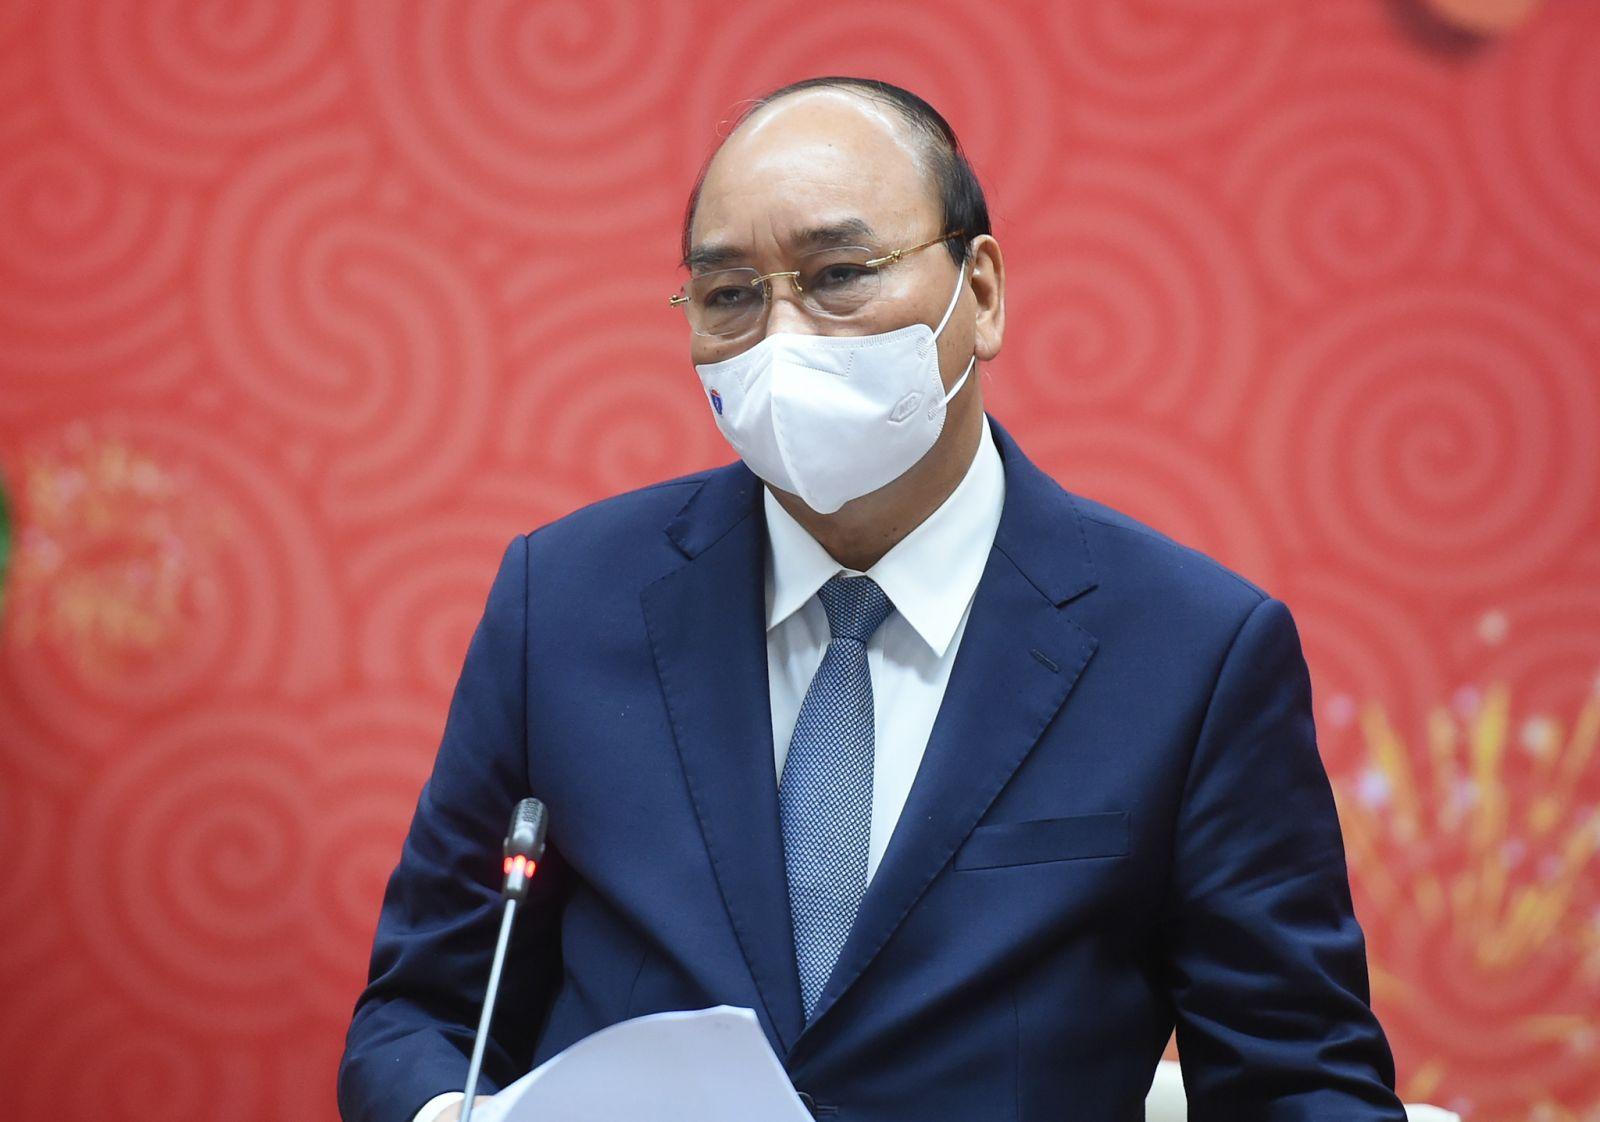 Thủ tướng Nguyễn Xuân Phúc: Trân quý những hành động, tinh thần hy sinh cao cả của các chiến sĩ áo trắng - Ảnh: VGP/Quang Hiếu